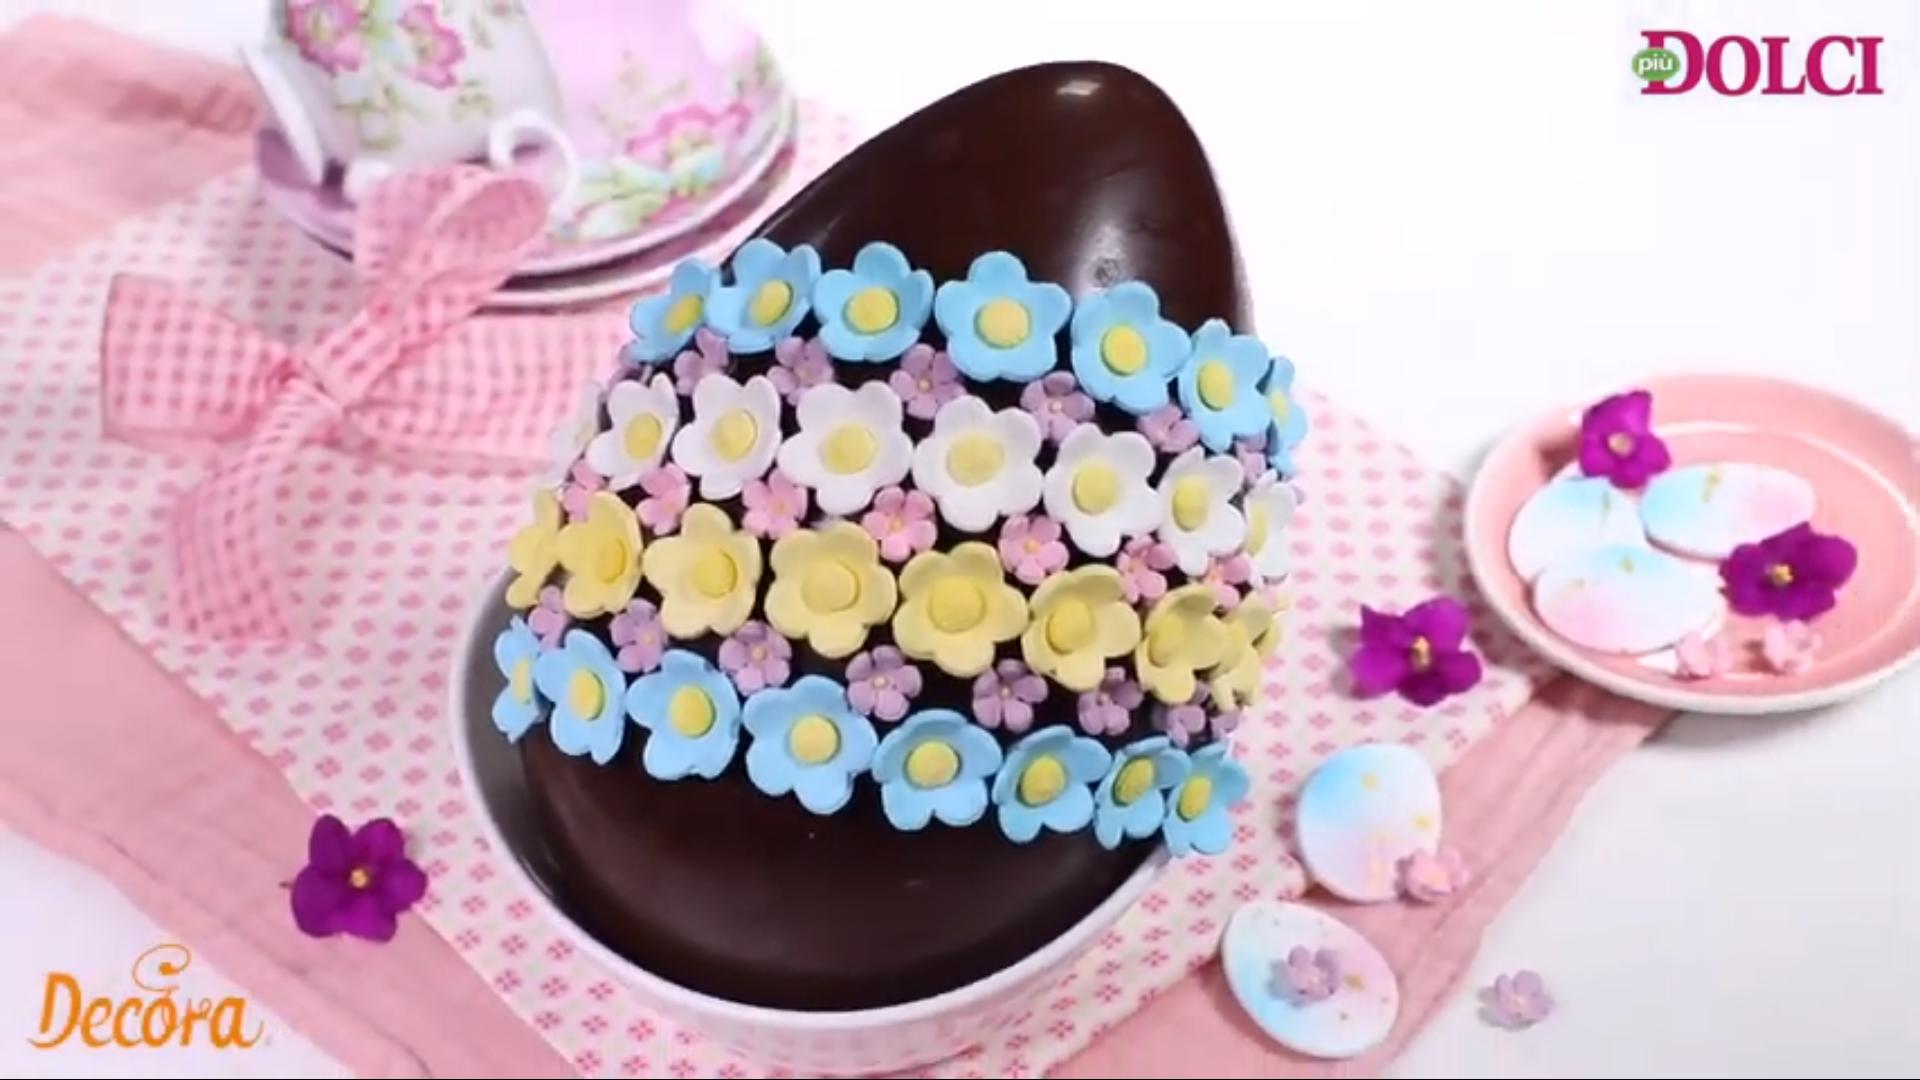 Uova di Cioccolato con piùDolci